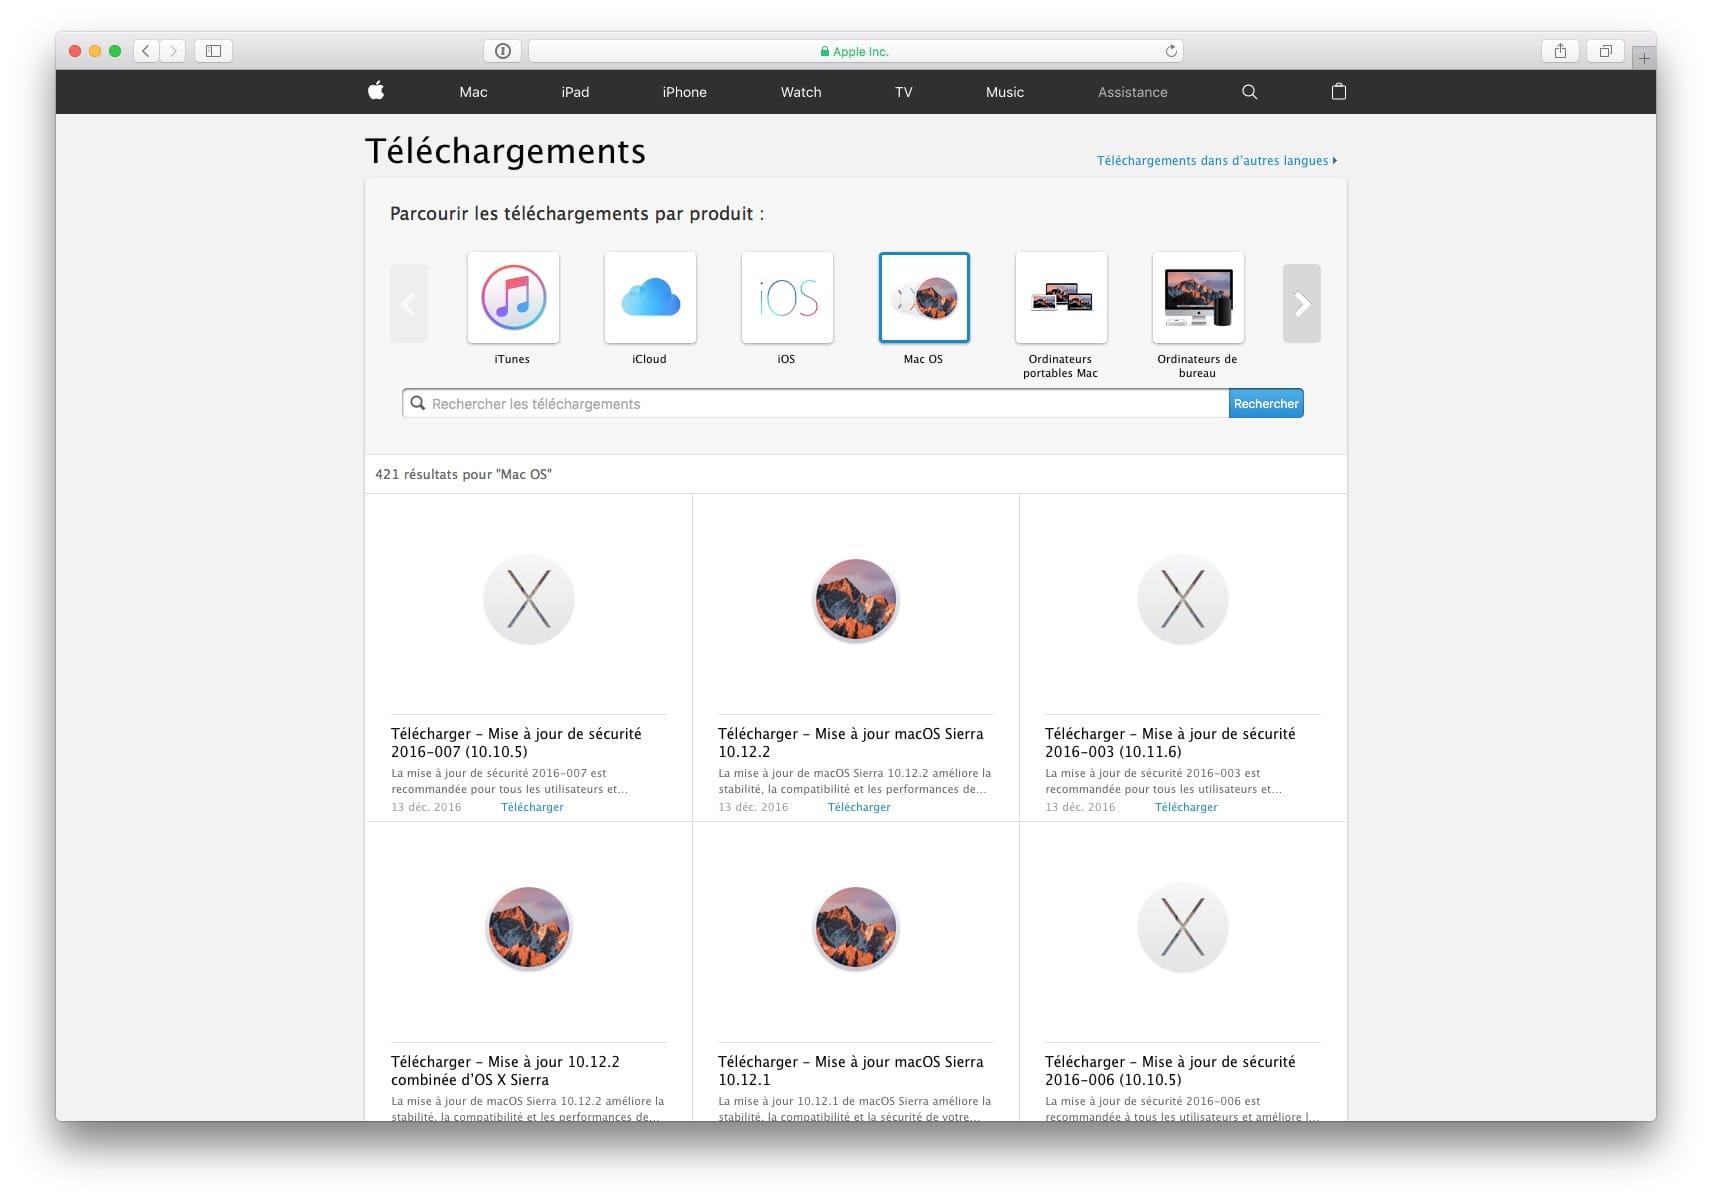 Descarga las actualizaciones de Mac directamente (Sierra, El Capitan...)